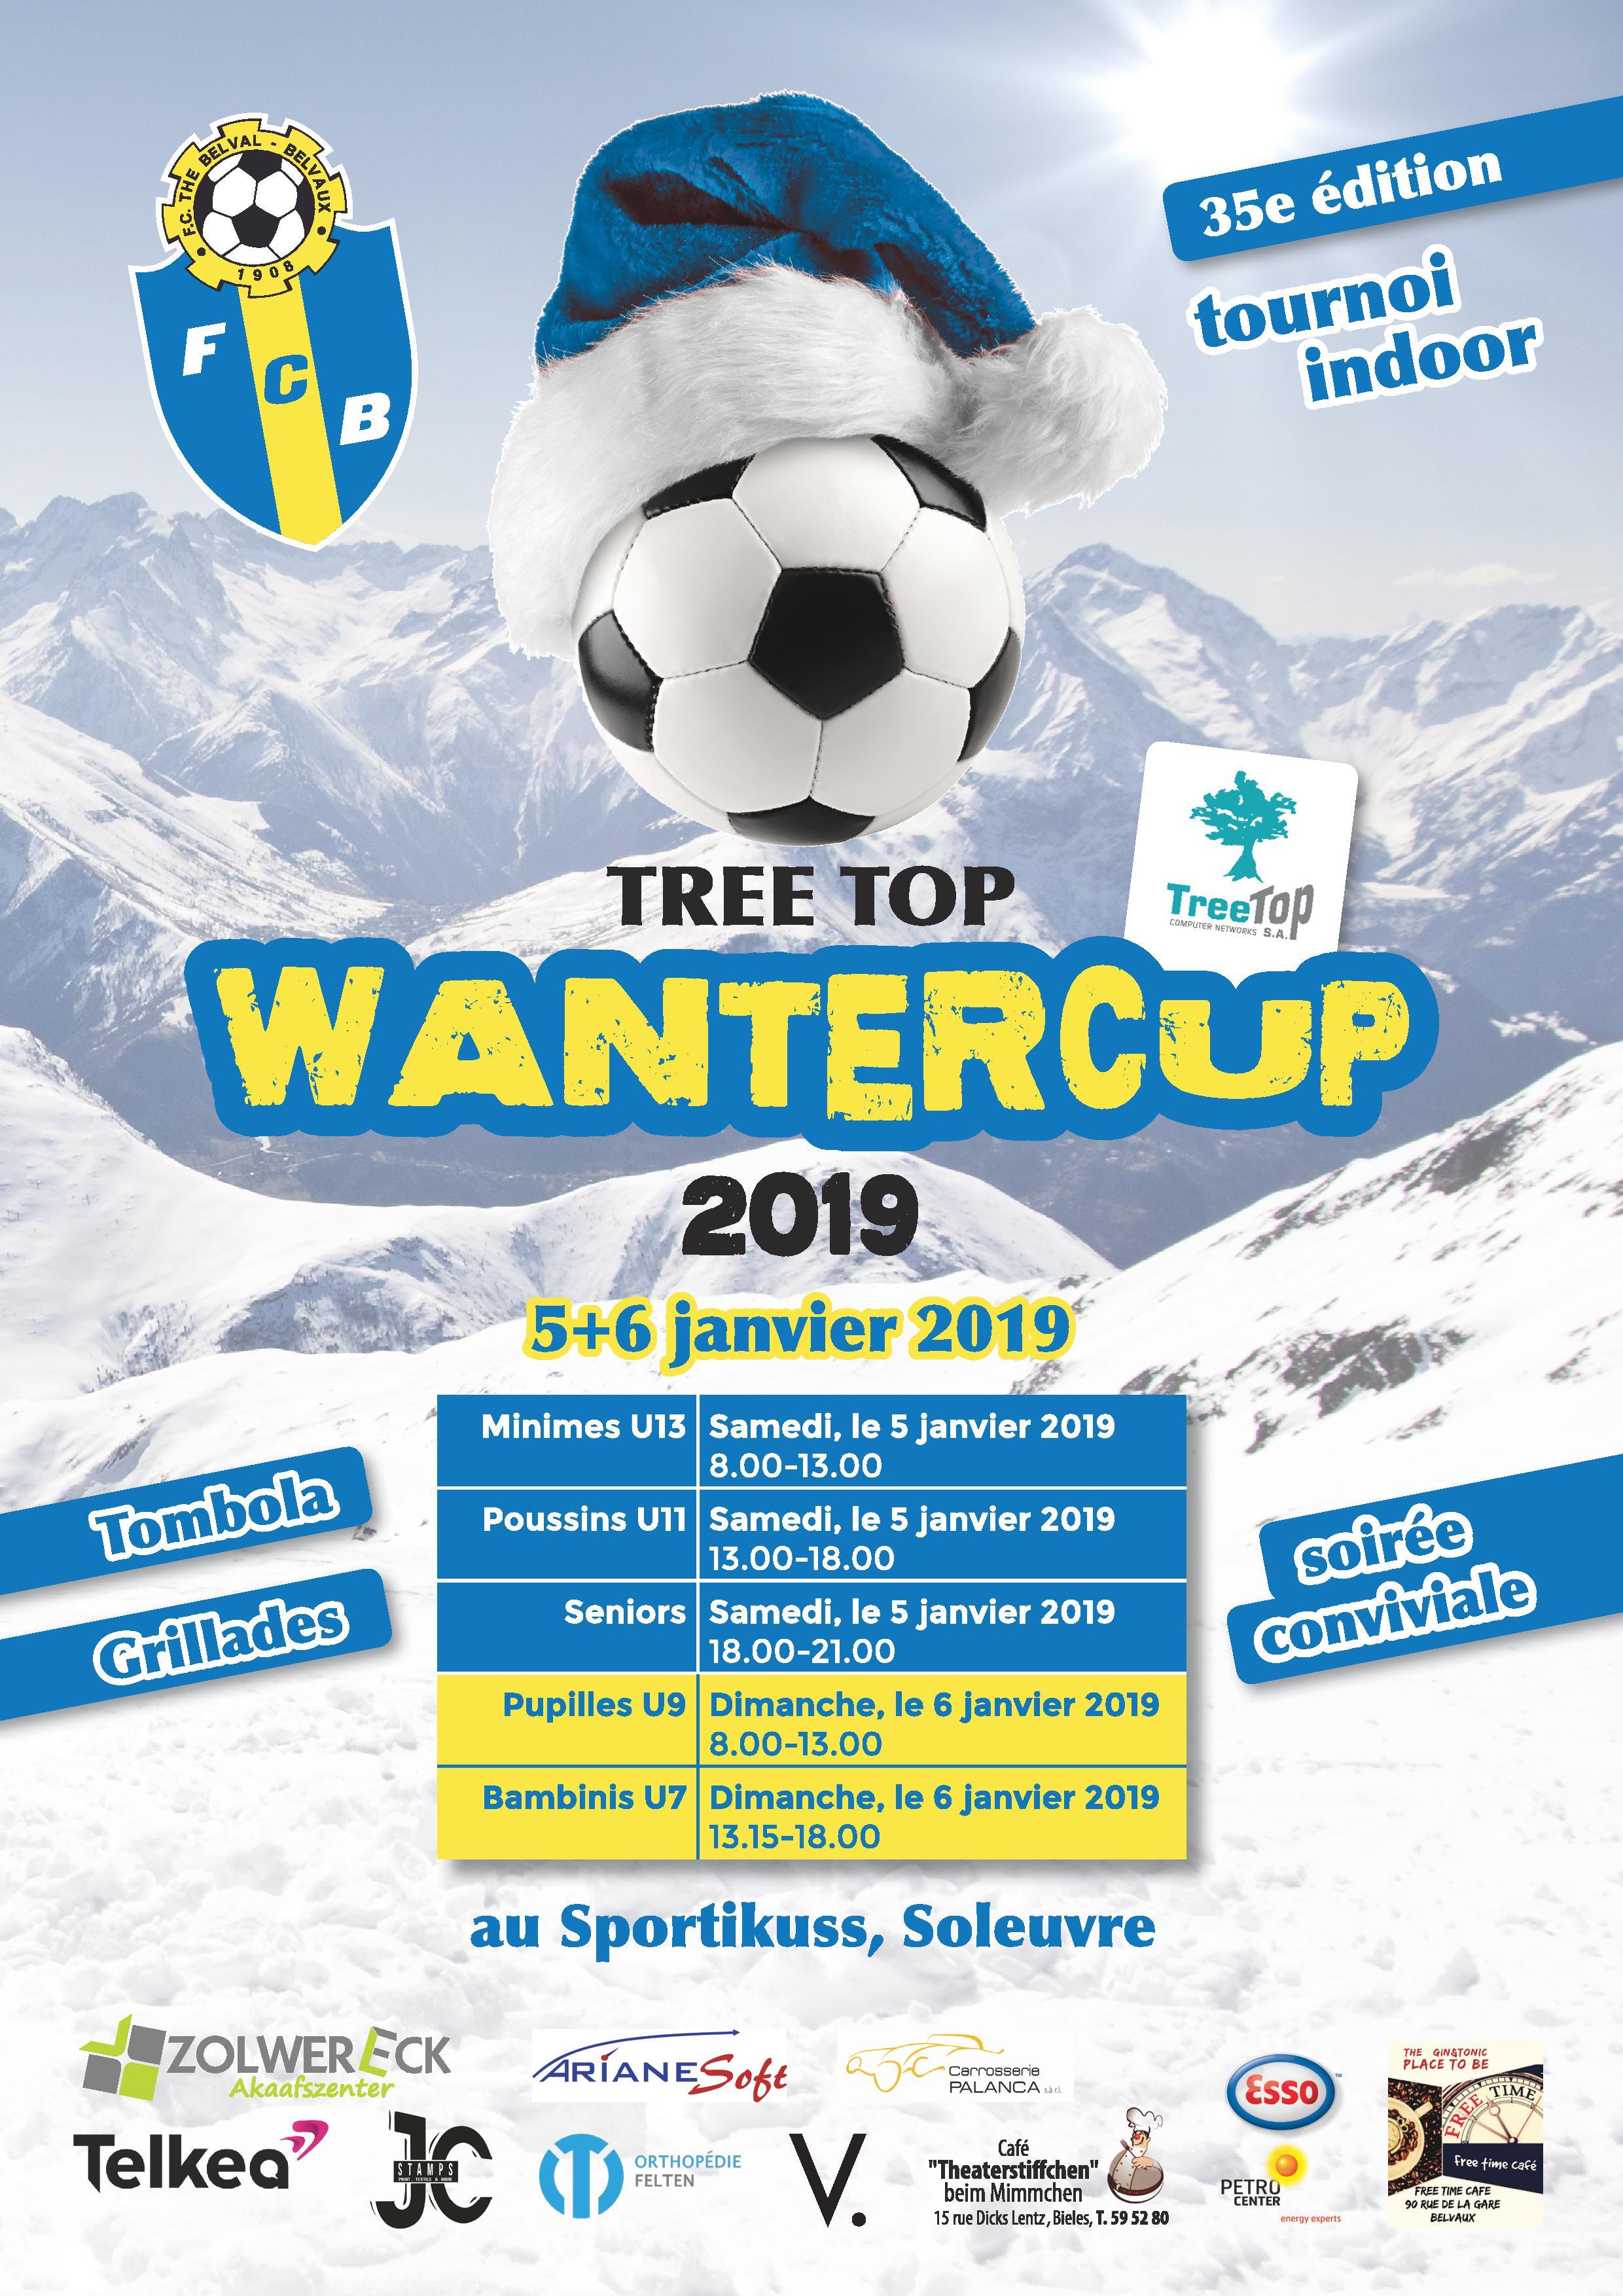 Wantercup 2019 05.01-06.01.2019